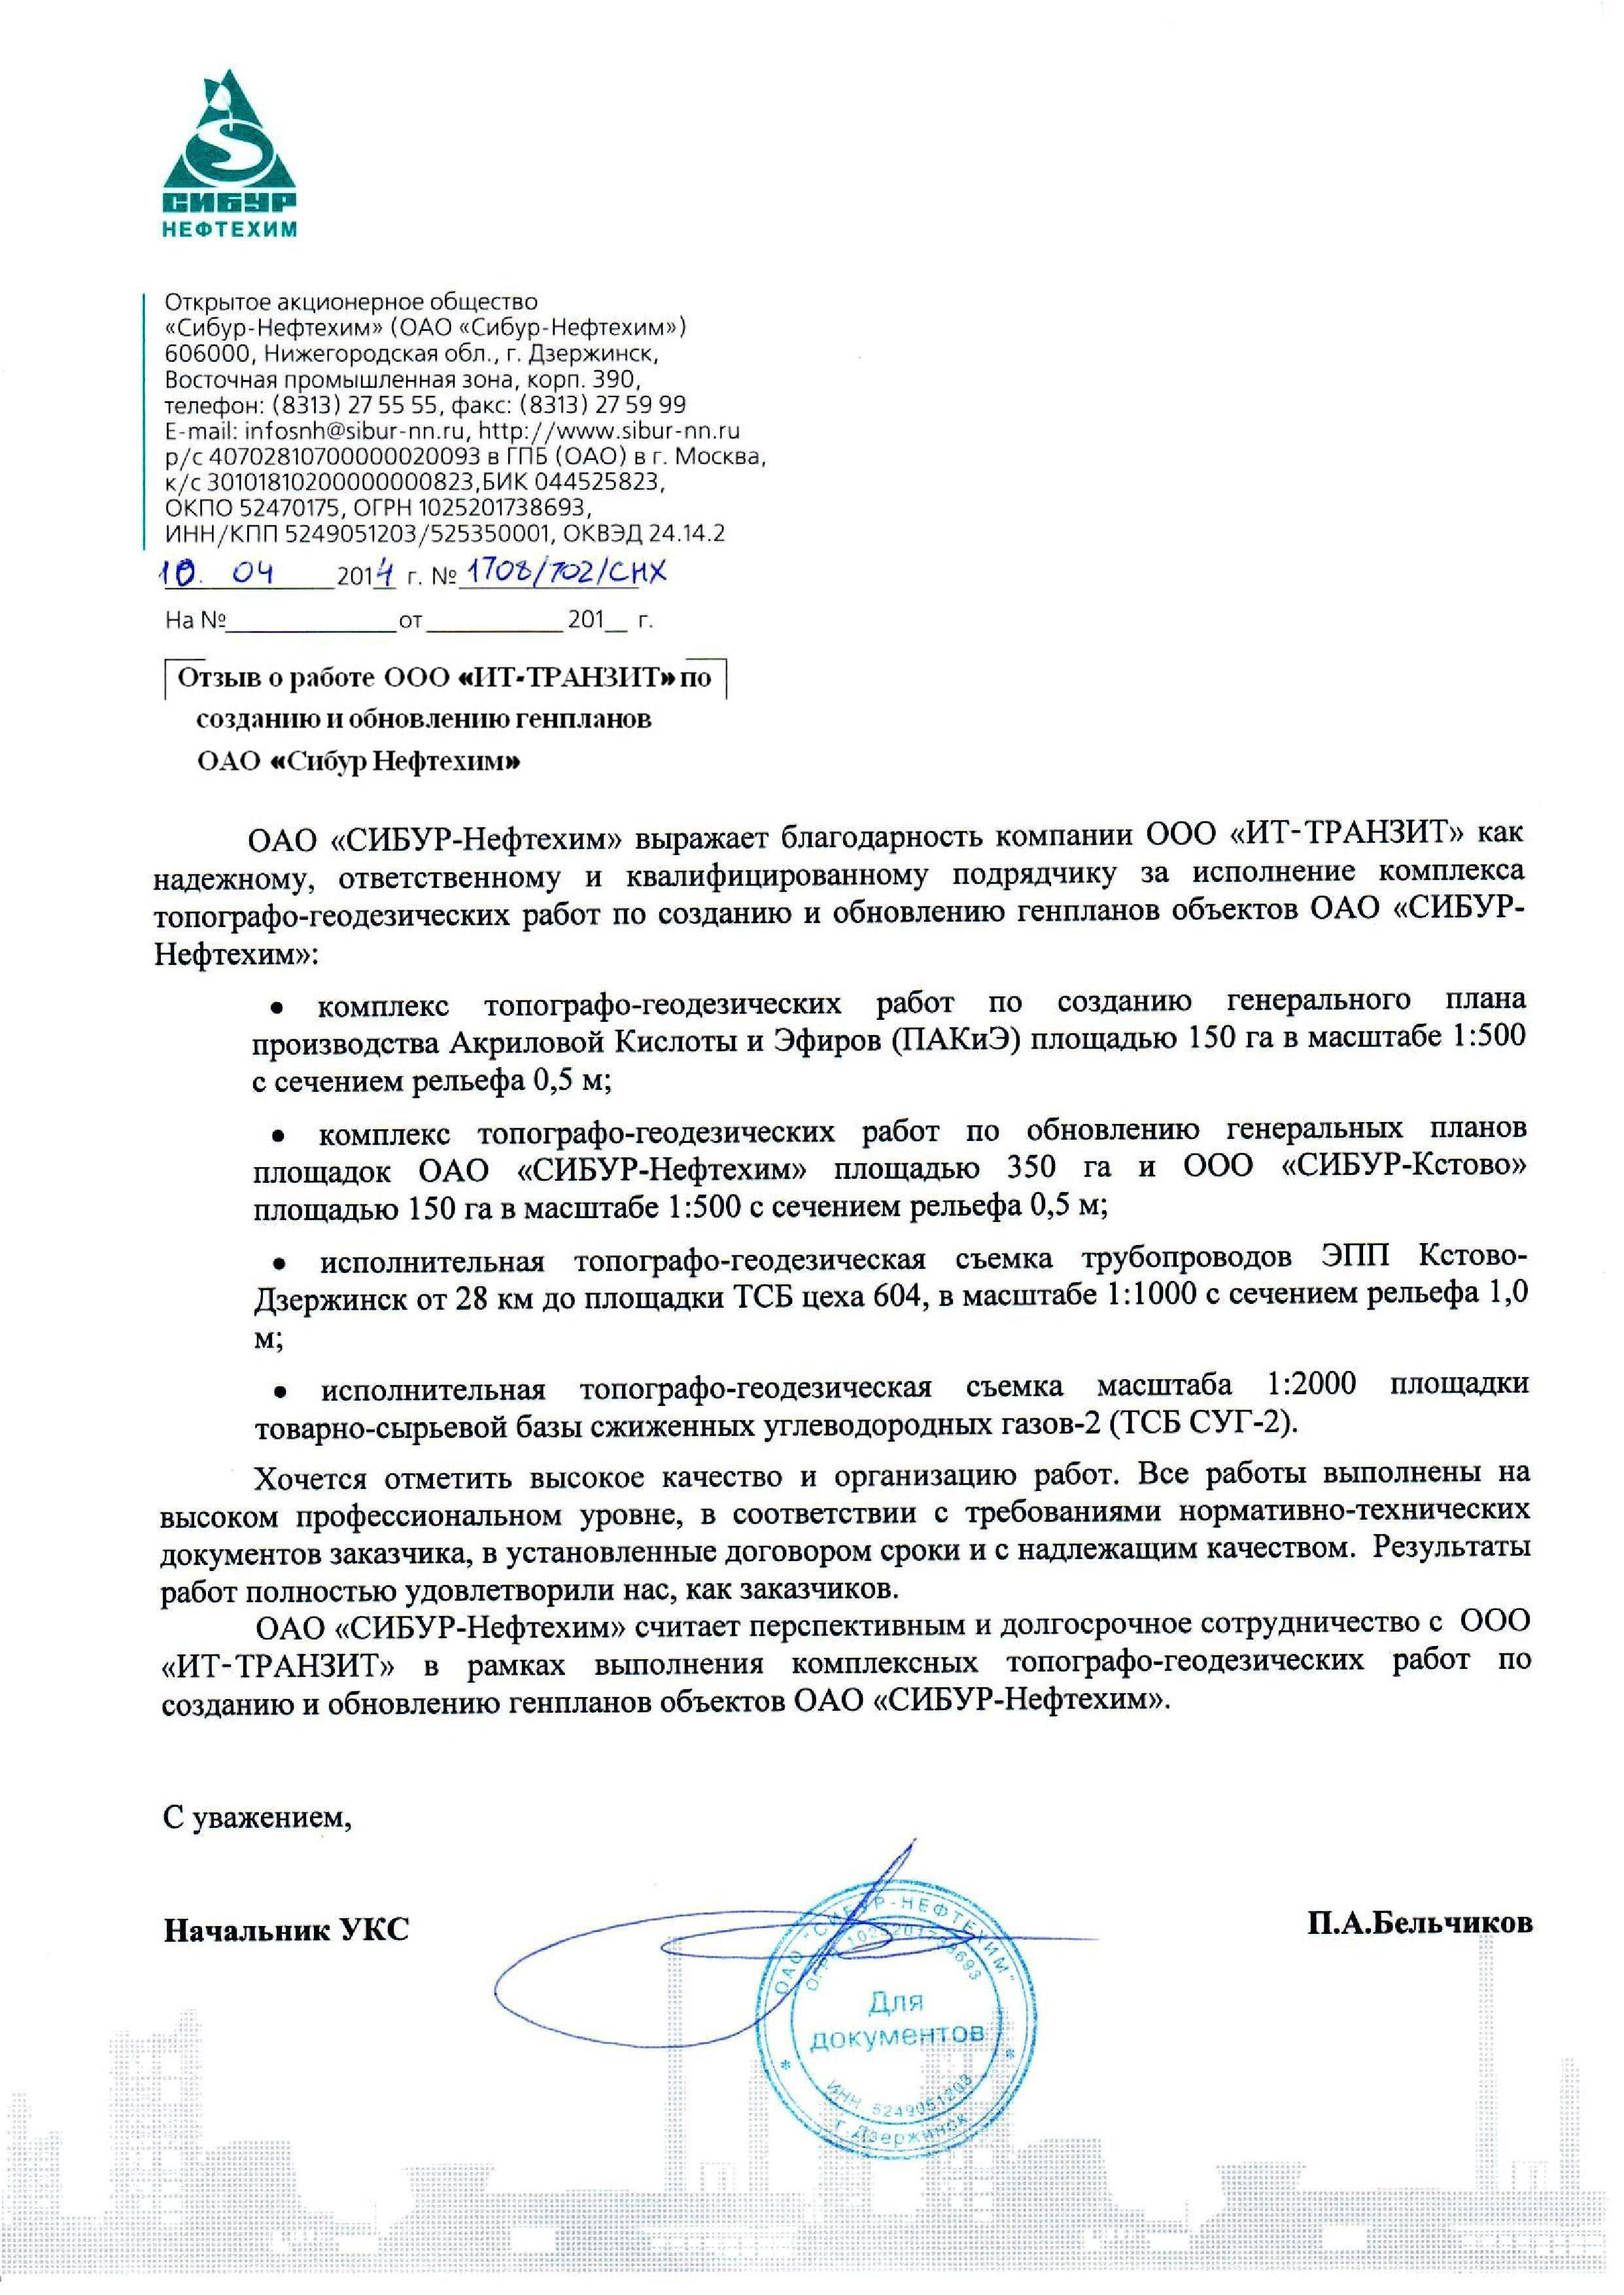 Відгук на виконані роботи зі створення та оновлення генпланів ВАТ «Сибур-нефтехим»